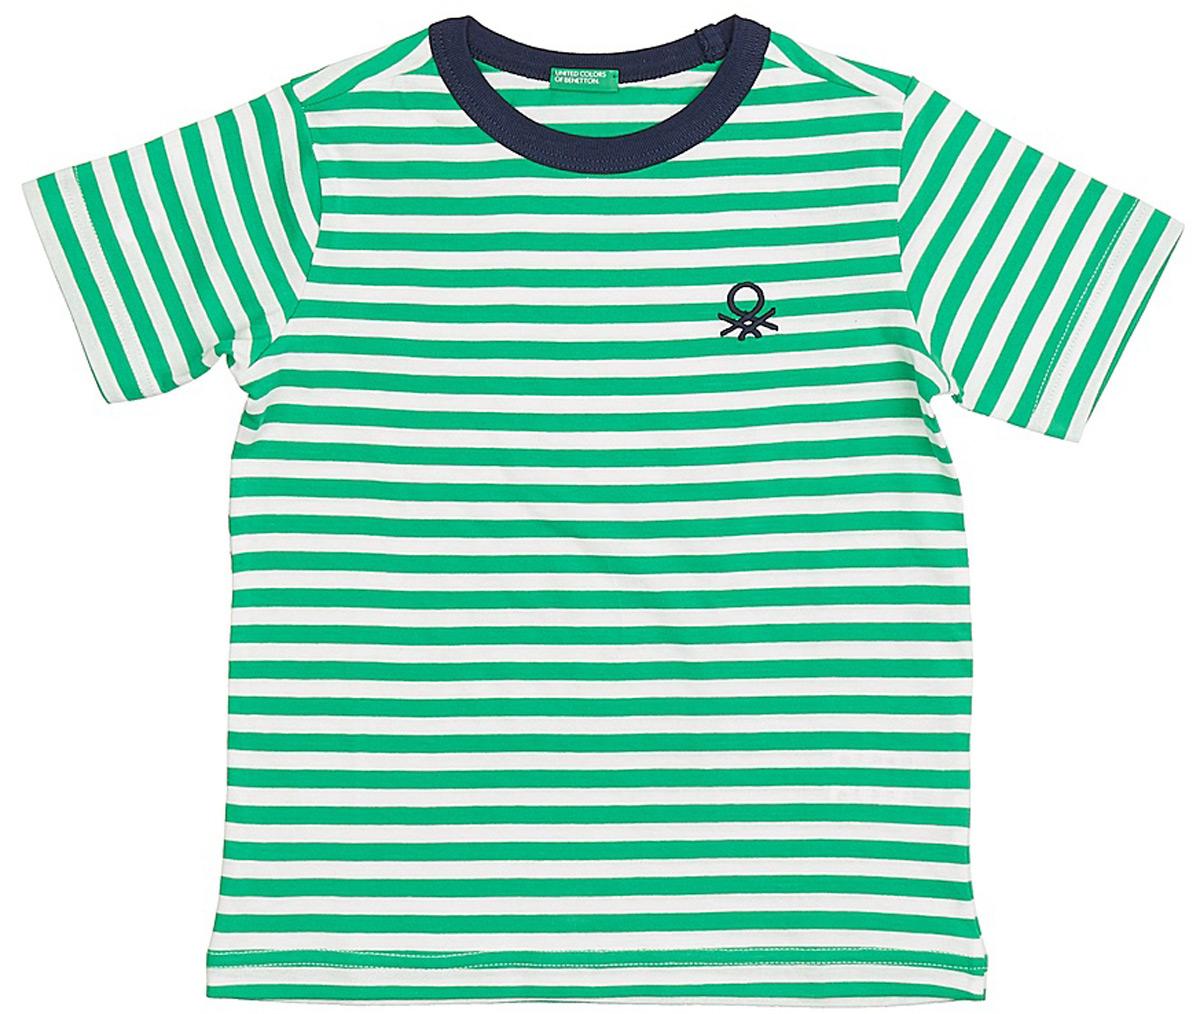 Футболка для мальчиков United Colors of Benetton, цвет: зеленый, белый, полоски. 3XB1C13H8_604. Размер 1603XB1C13H8_604